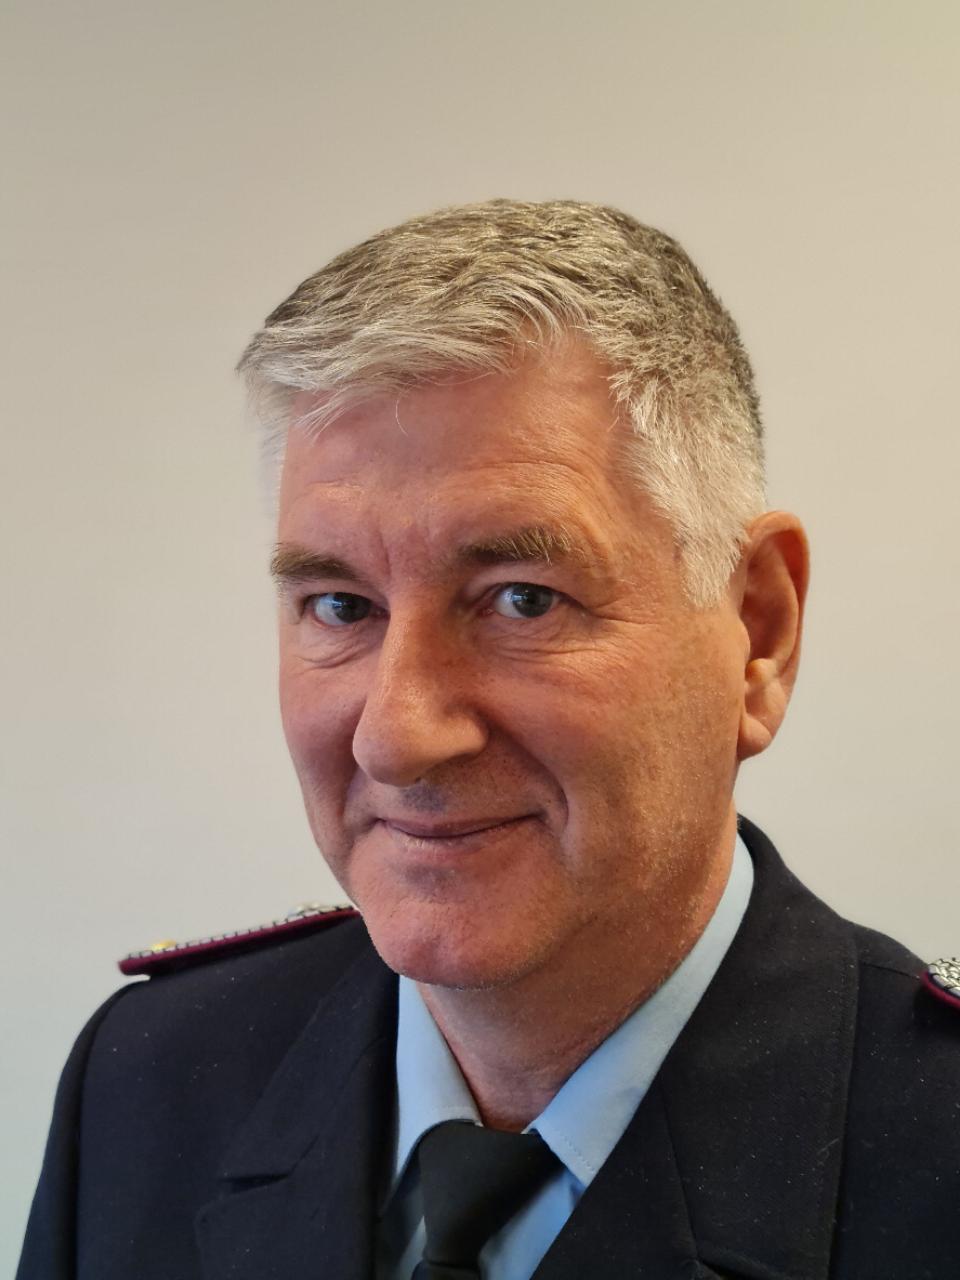 Frank Kersten